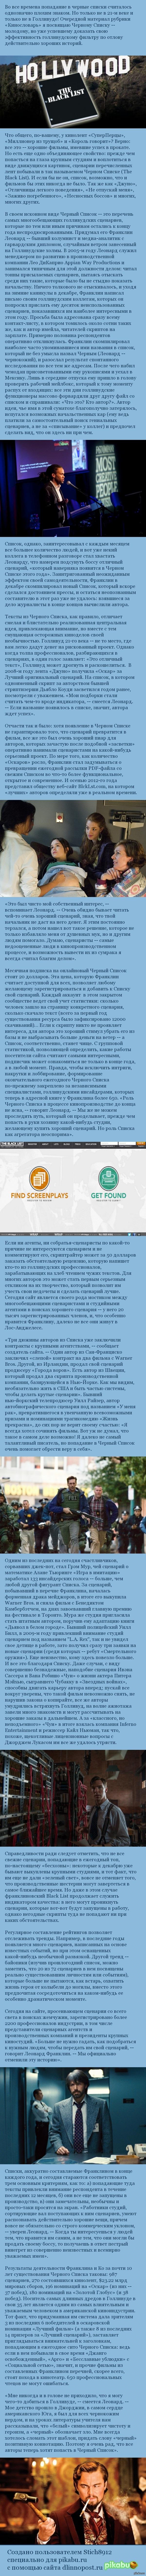 """Кинословарь. Черный список Предыдущая часть: <a href=""""http://pikabu.ru/story/kinoslovar_makgaffin_2637191"""">http://pikabu.ru/story/_2637191</a>"""